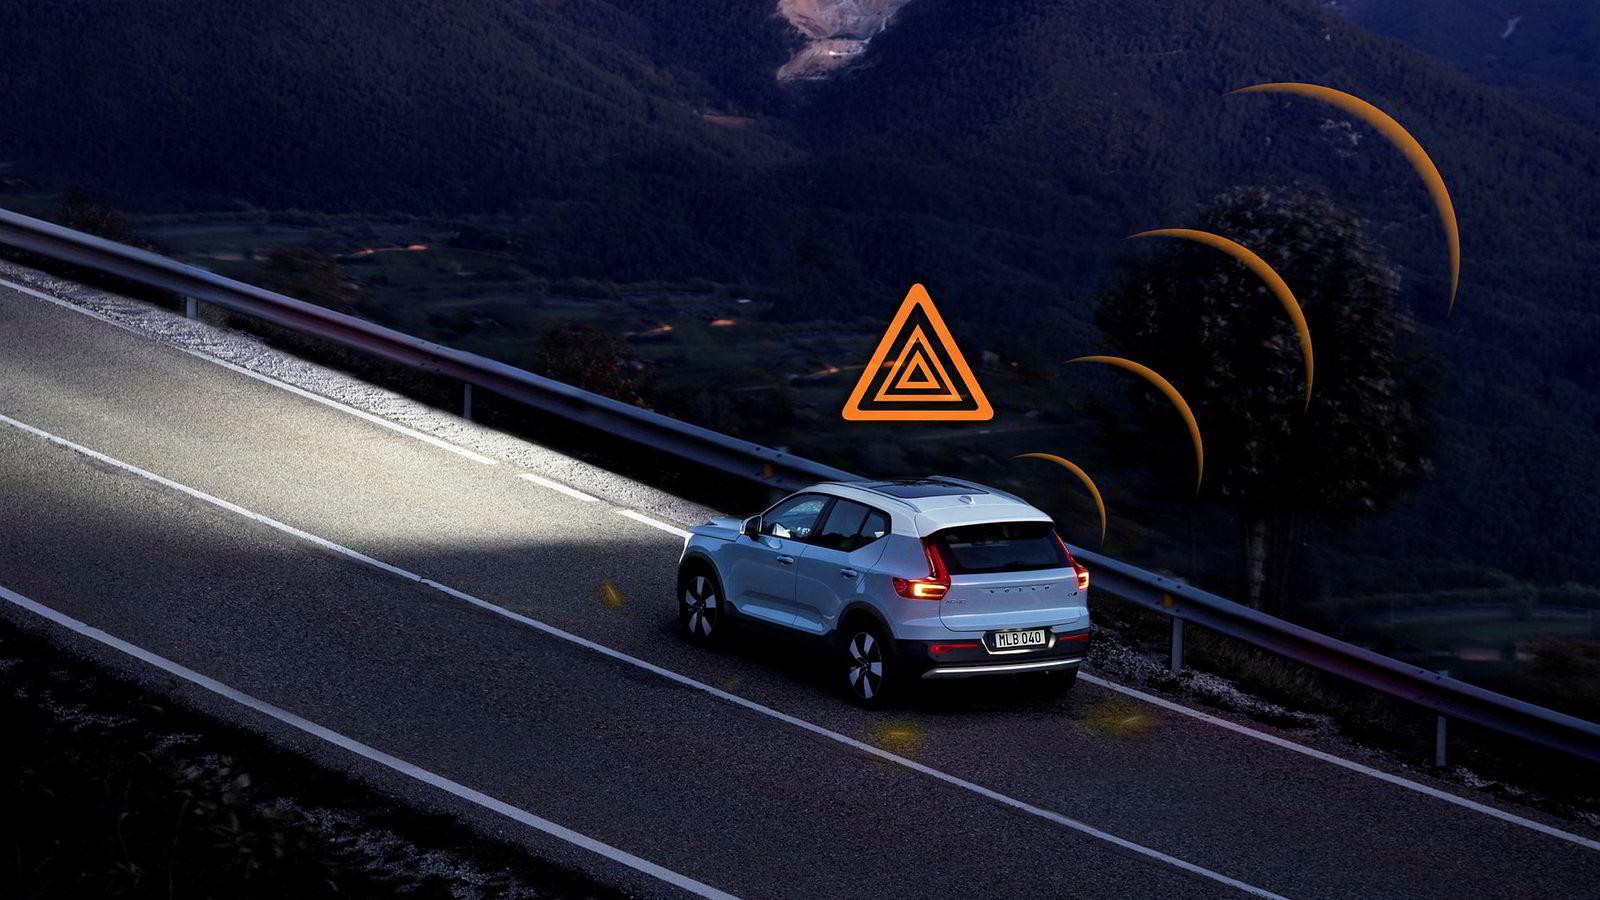 Volvo XC40 sender informasjon om veien opp i skyen, som senere kan sendes ned til andre biler.